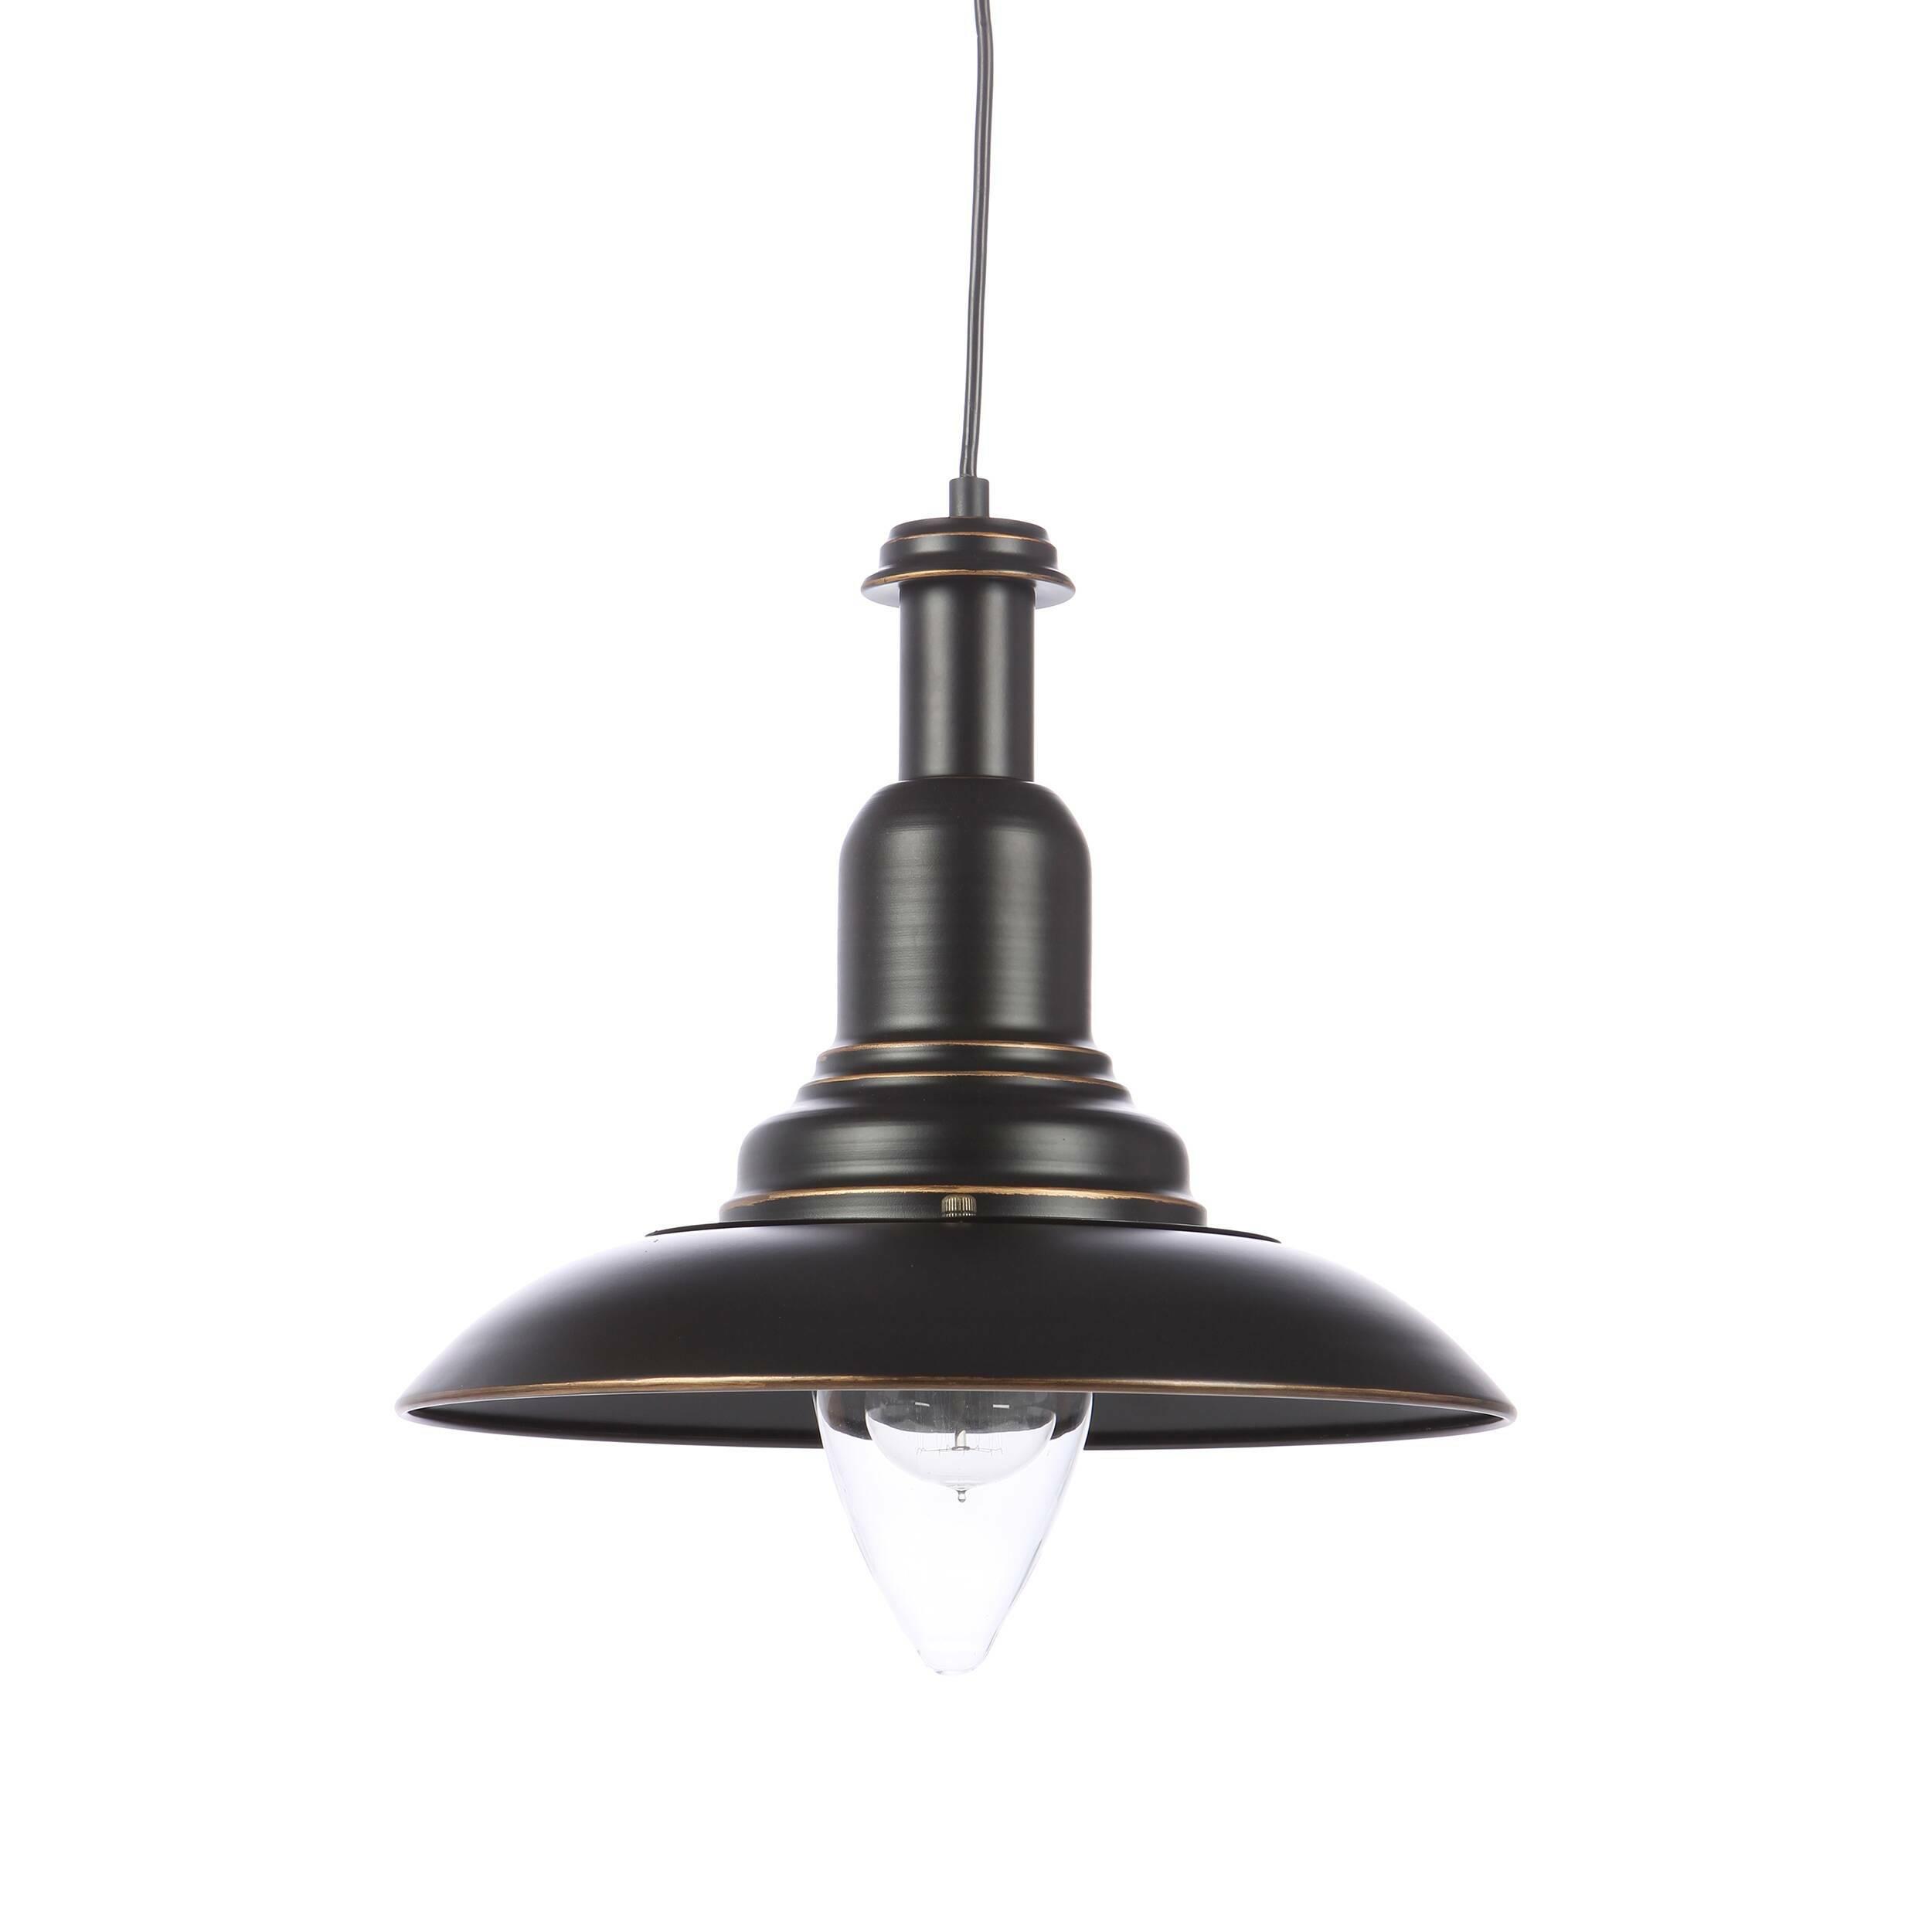 Подвесной светильник Country KitchenПодвесные<br>Подвесной светильник Country Kitchen цепляет своей лаконичной, но в то же время оригинальной и привлекательной формой. Черный матовый цвет светильника делает его соответствующим современным тенденциям в интерьерном дизайнерском искусстве и красиво подчеркивает его линии и плавные переходы. Светильник создан ведущими дизайнерами компании Cosmo.<br><br><br> Стильный абажур подвесного светильника Country Kitchen изготовлен из металла черного цвета. Имеется цоколь для одной лампочки.<br><br><br> Подобны...<br><br>stock: 0<br>Высота: 37<br>Диаметр: 35<br>Длина провода: 150<br>Количество ламп: 1<br>Материал абажура: Металл<br>Мощность лампы: 60<br>Ламп в комплекте: Нет<br>Тип лампы/цоколь: E27<br>Цвет абажура: Черный<br>Цвет провода: Черный